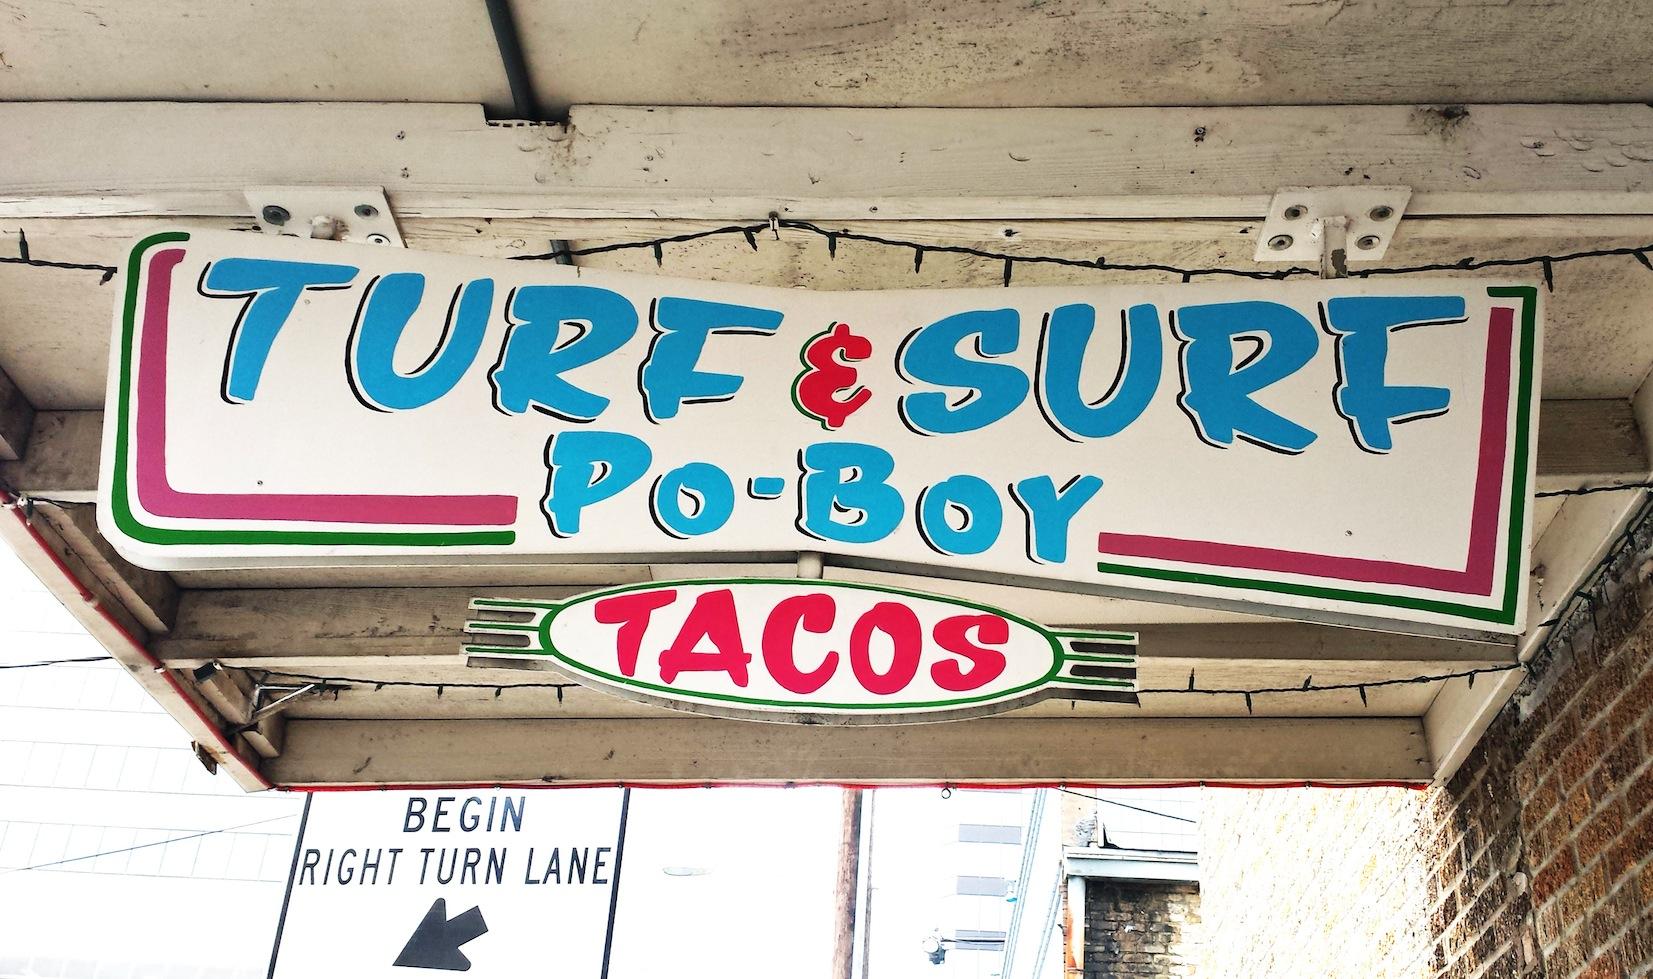 Turf n' Surf Po Boy